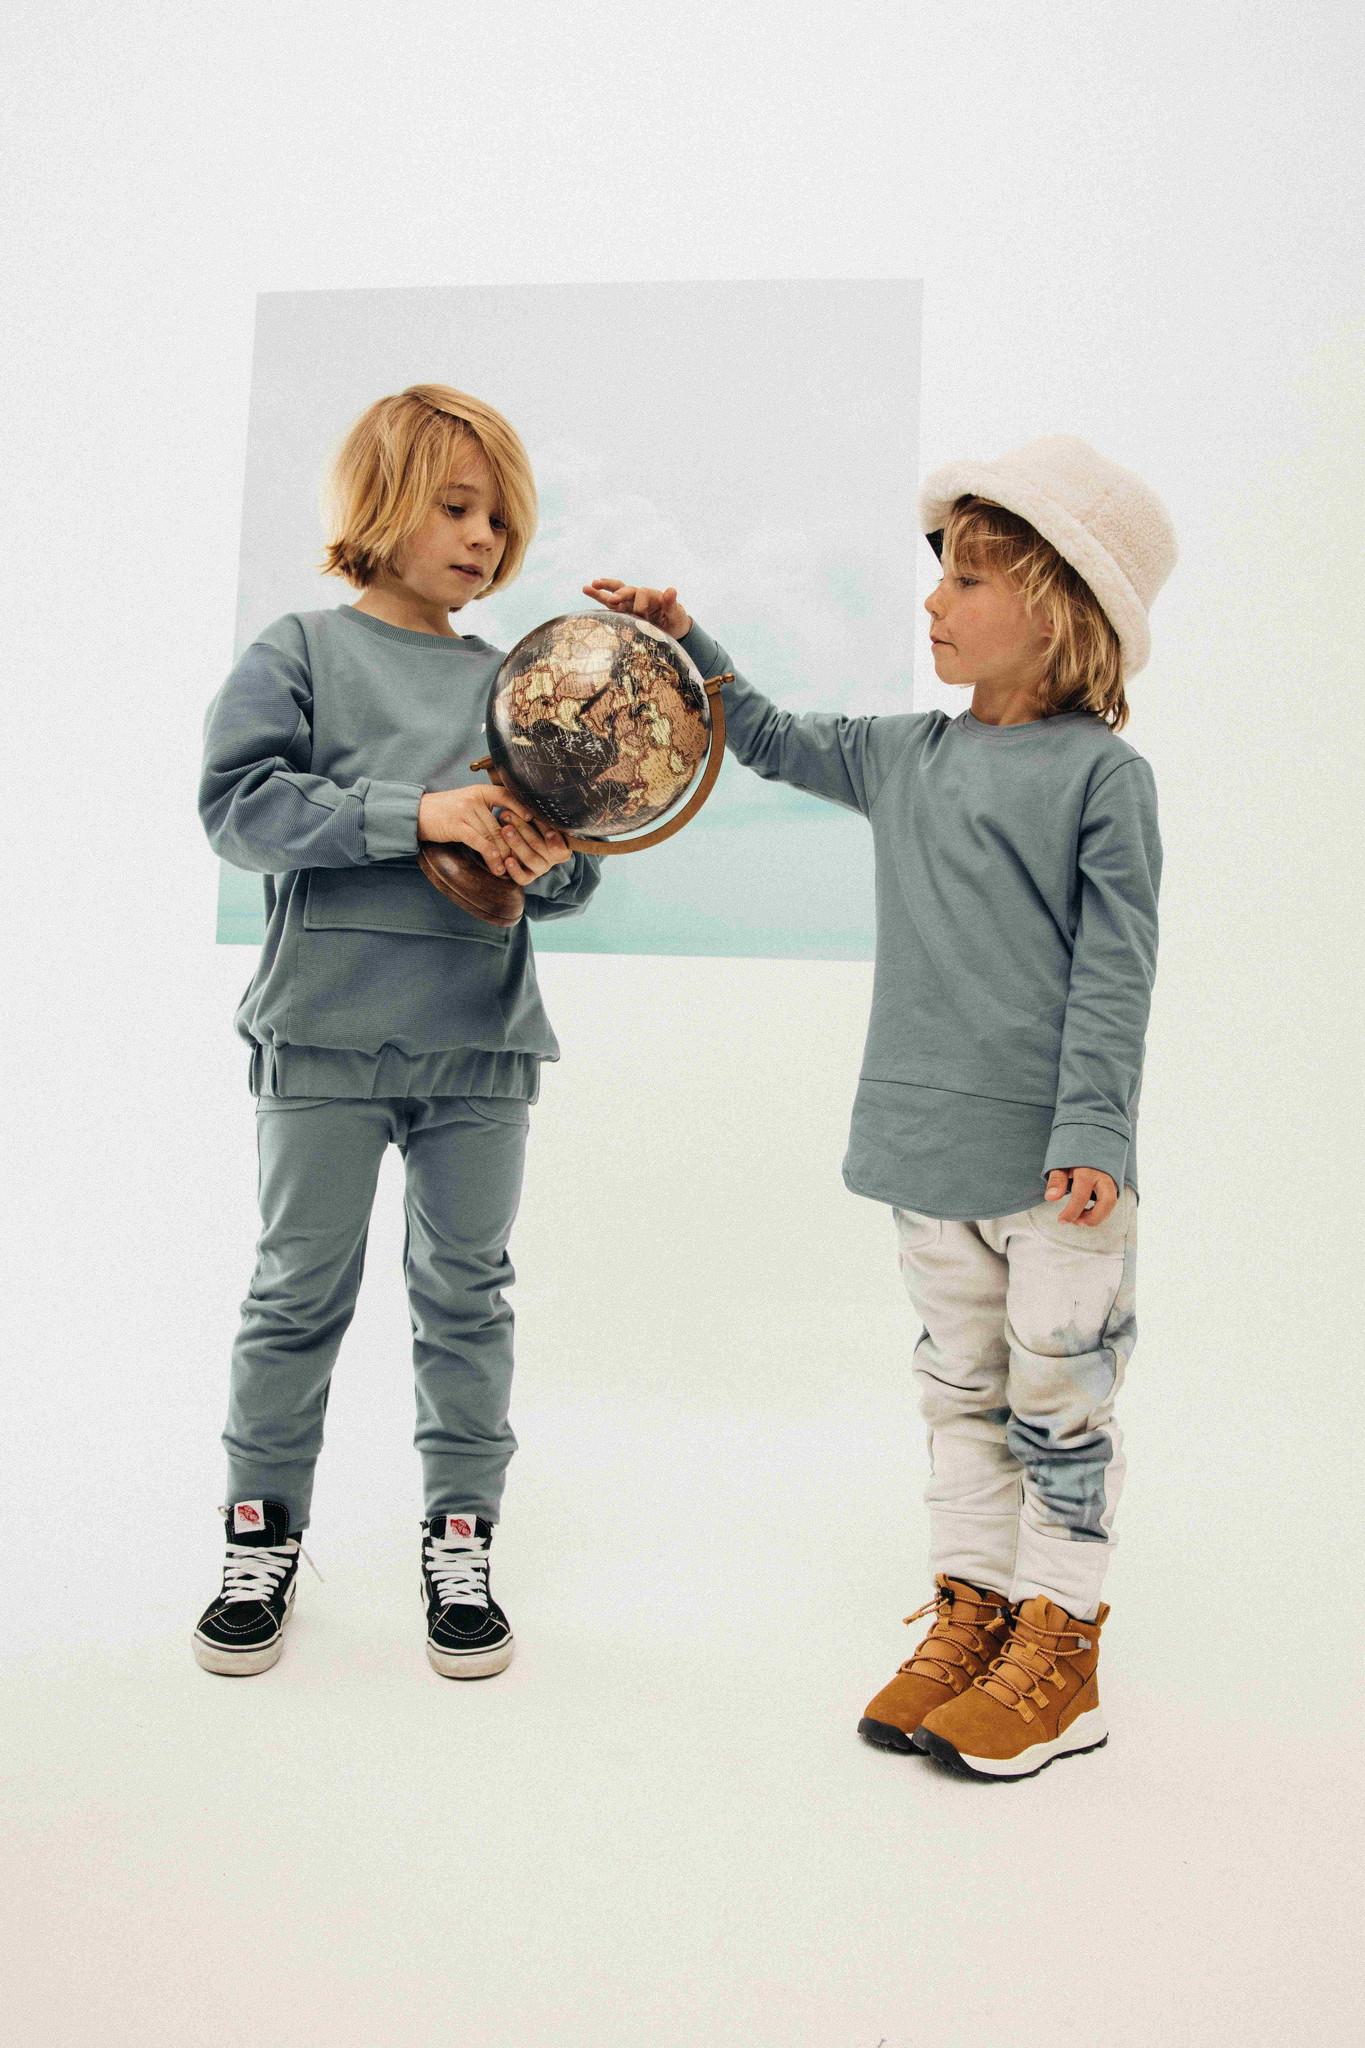 Minikid COOL SWEATER   COOL SWEATER FOR KIDS   MINIKID